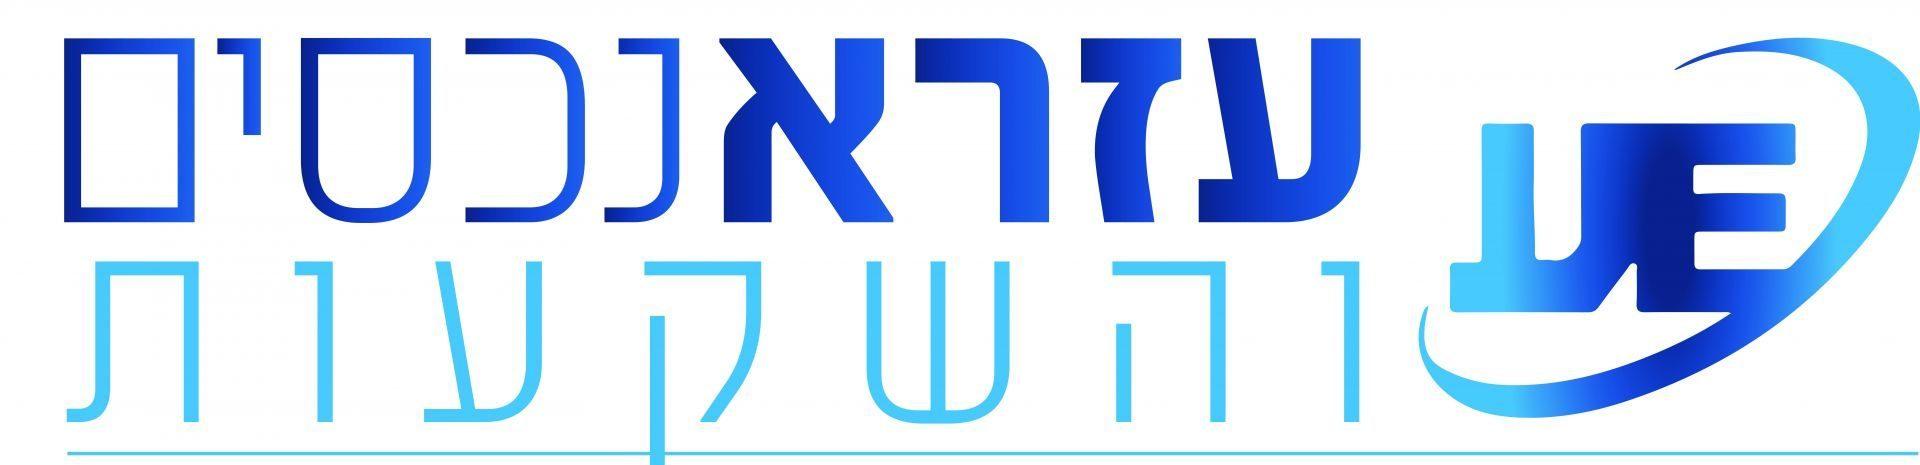 בסמטאות יהודה המכבי בית פרטי מגרש 260 מר בנוי כ 350 מר ,מעלית, בריכה , חניות , נדיר וייחודי